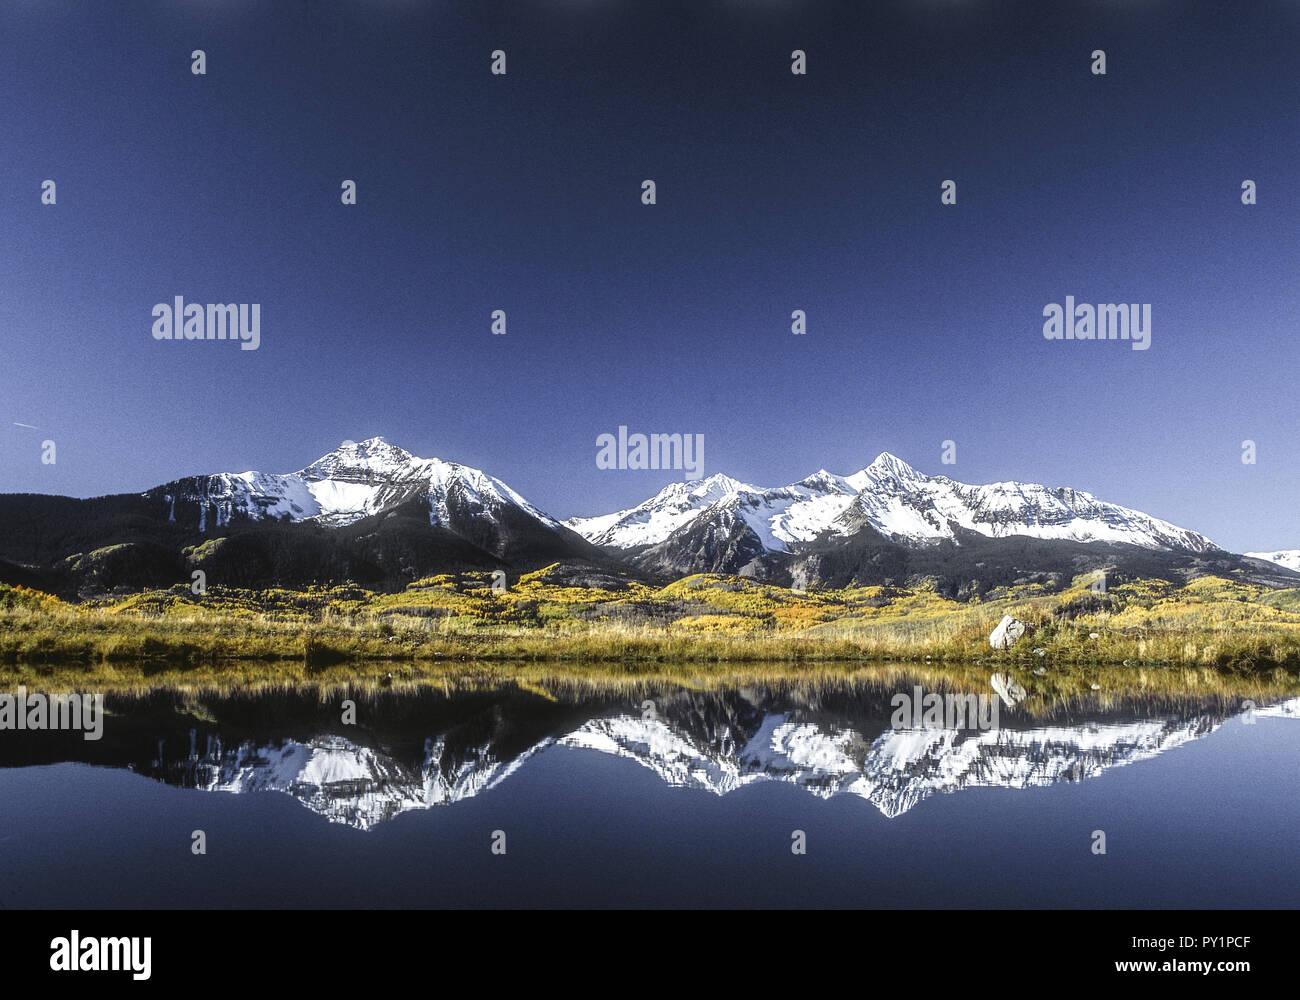 Schneebedeckte Berge spiegeln sich in See, Colorado, USA - Stock Image